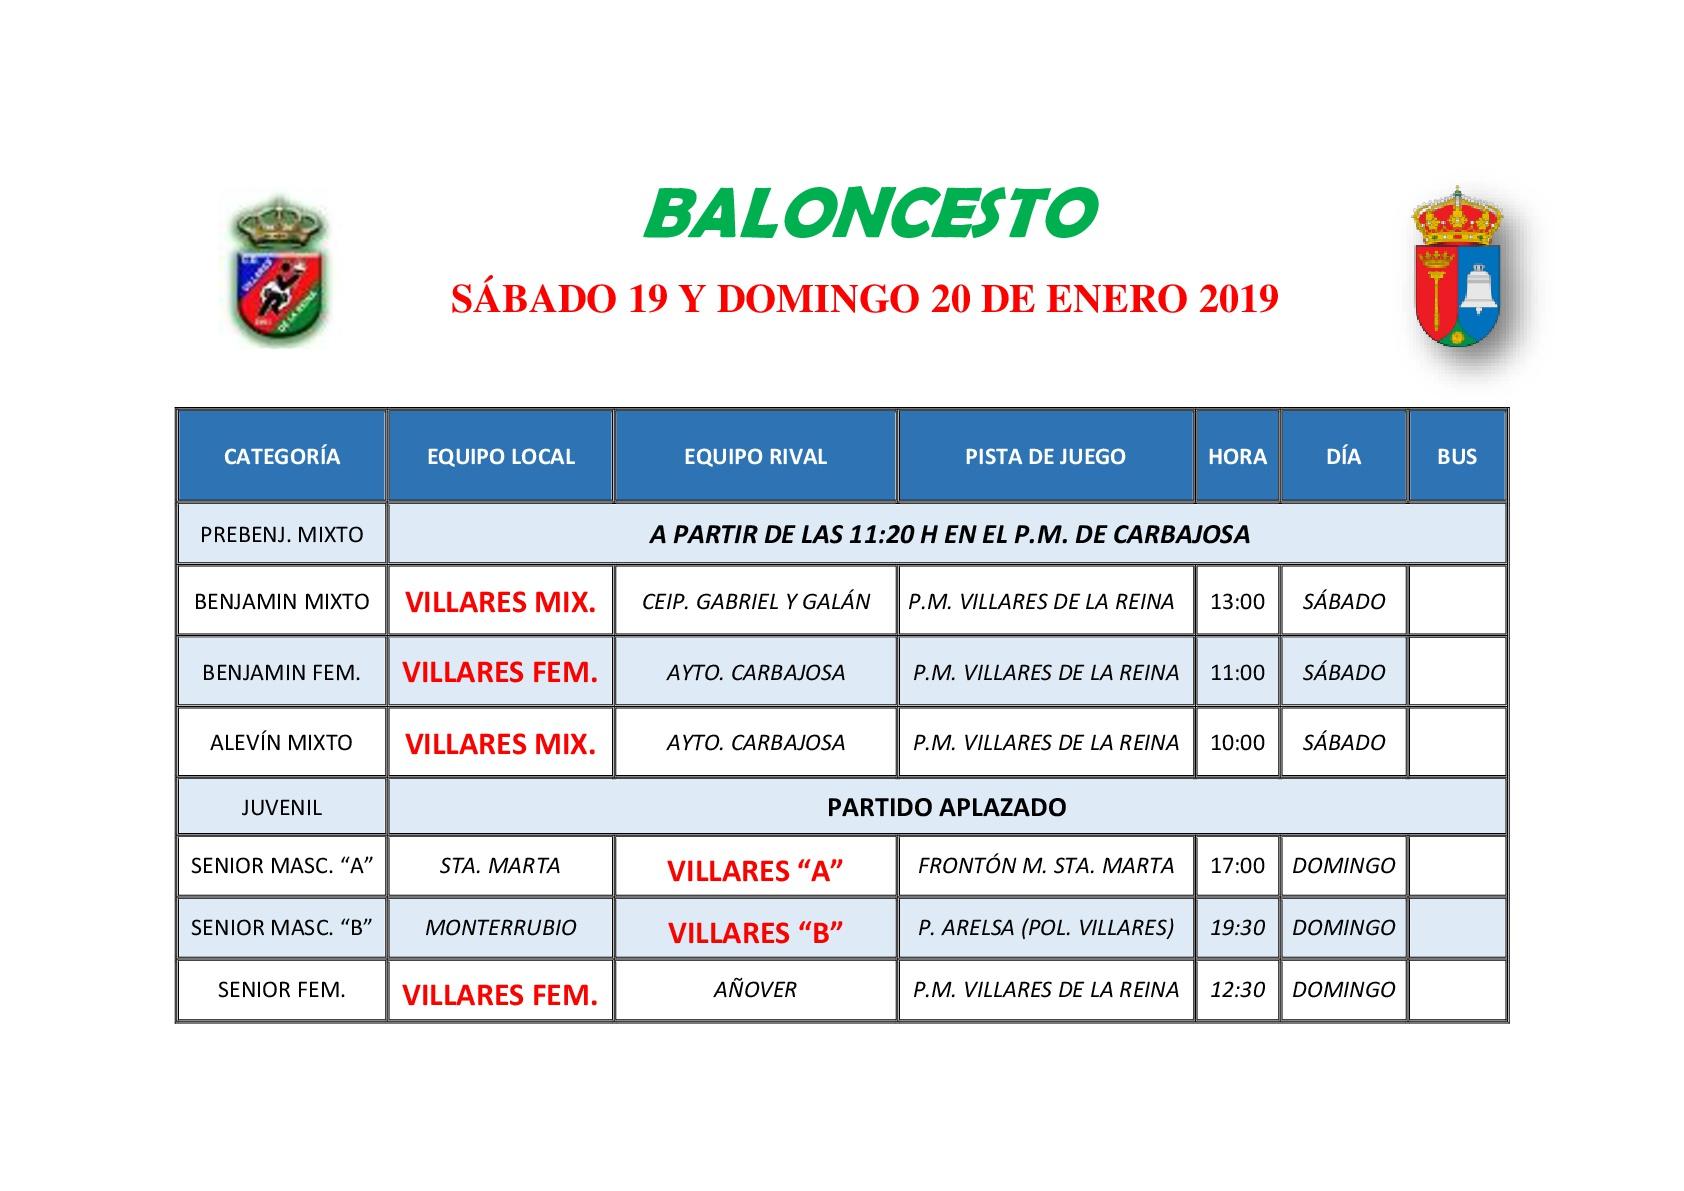 HORARIOS DE BALONCESTO S�BADO 19 Y DOMINGO 20 DE DICIEMBRE